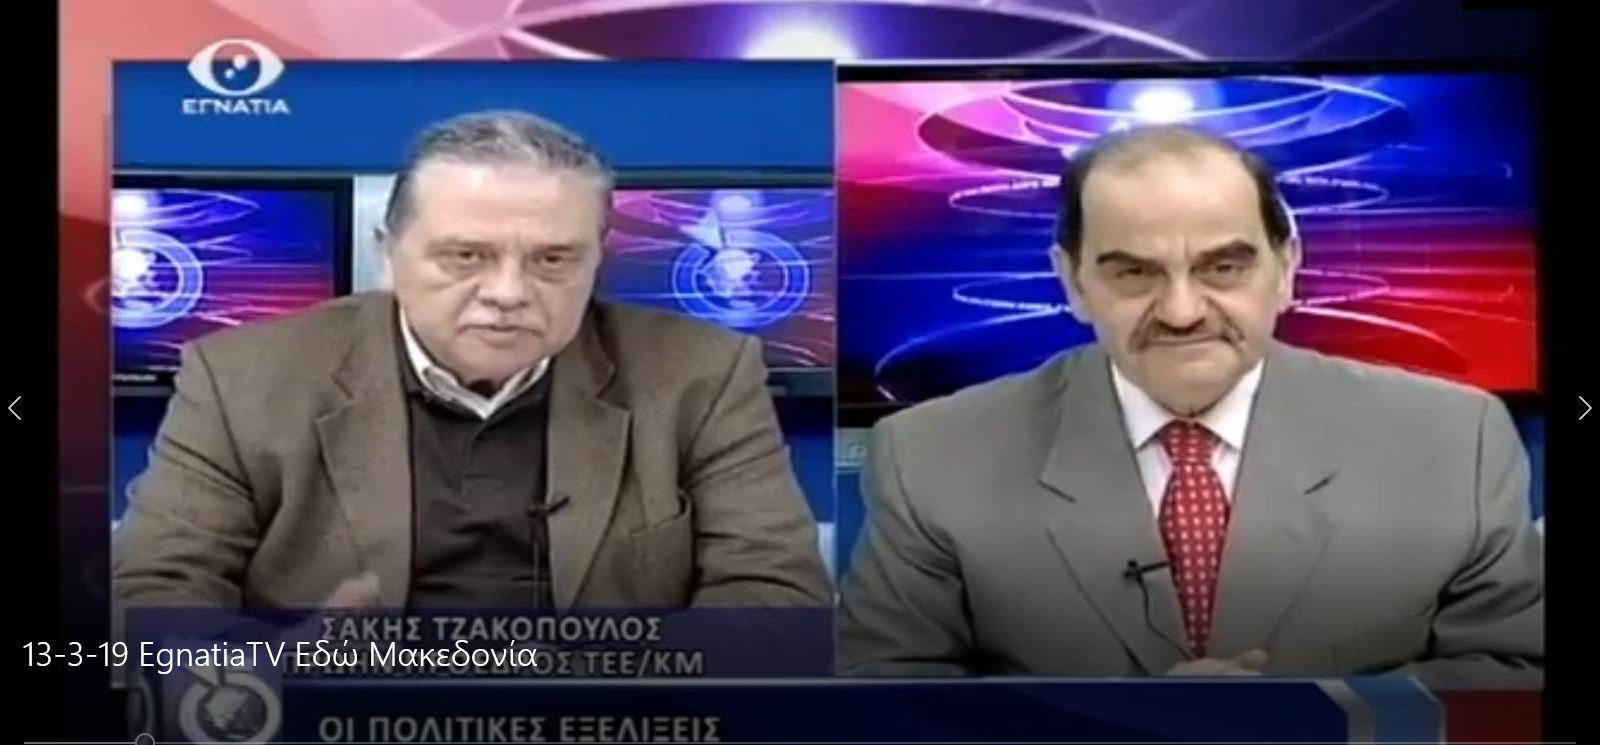 13-3-2019 Συνέντευξη στο EgnatiaTV στην εκπομπή Εδώ Μακεδονία